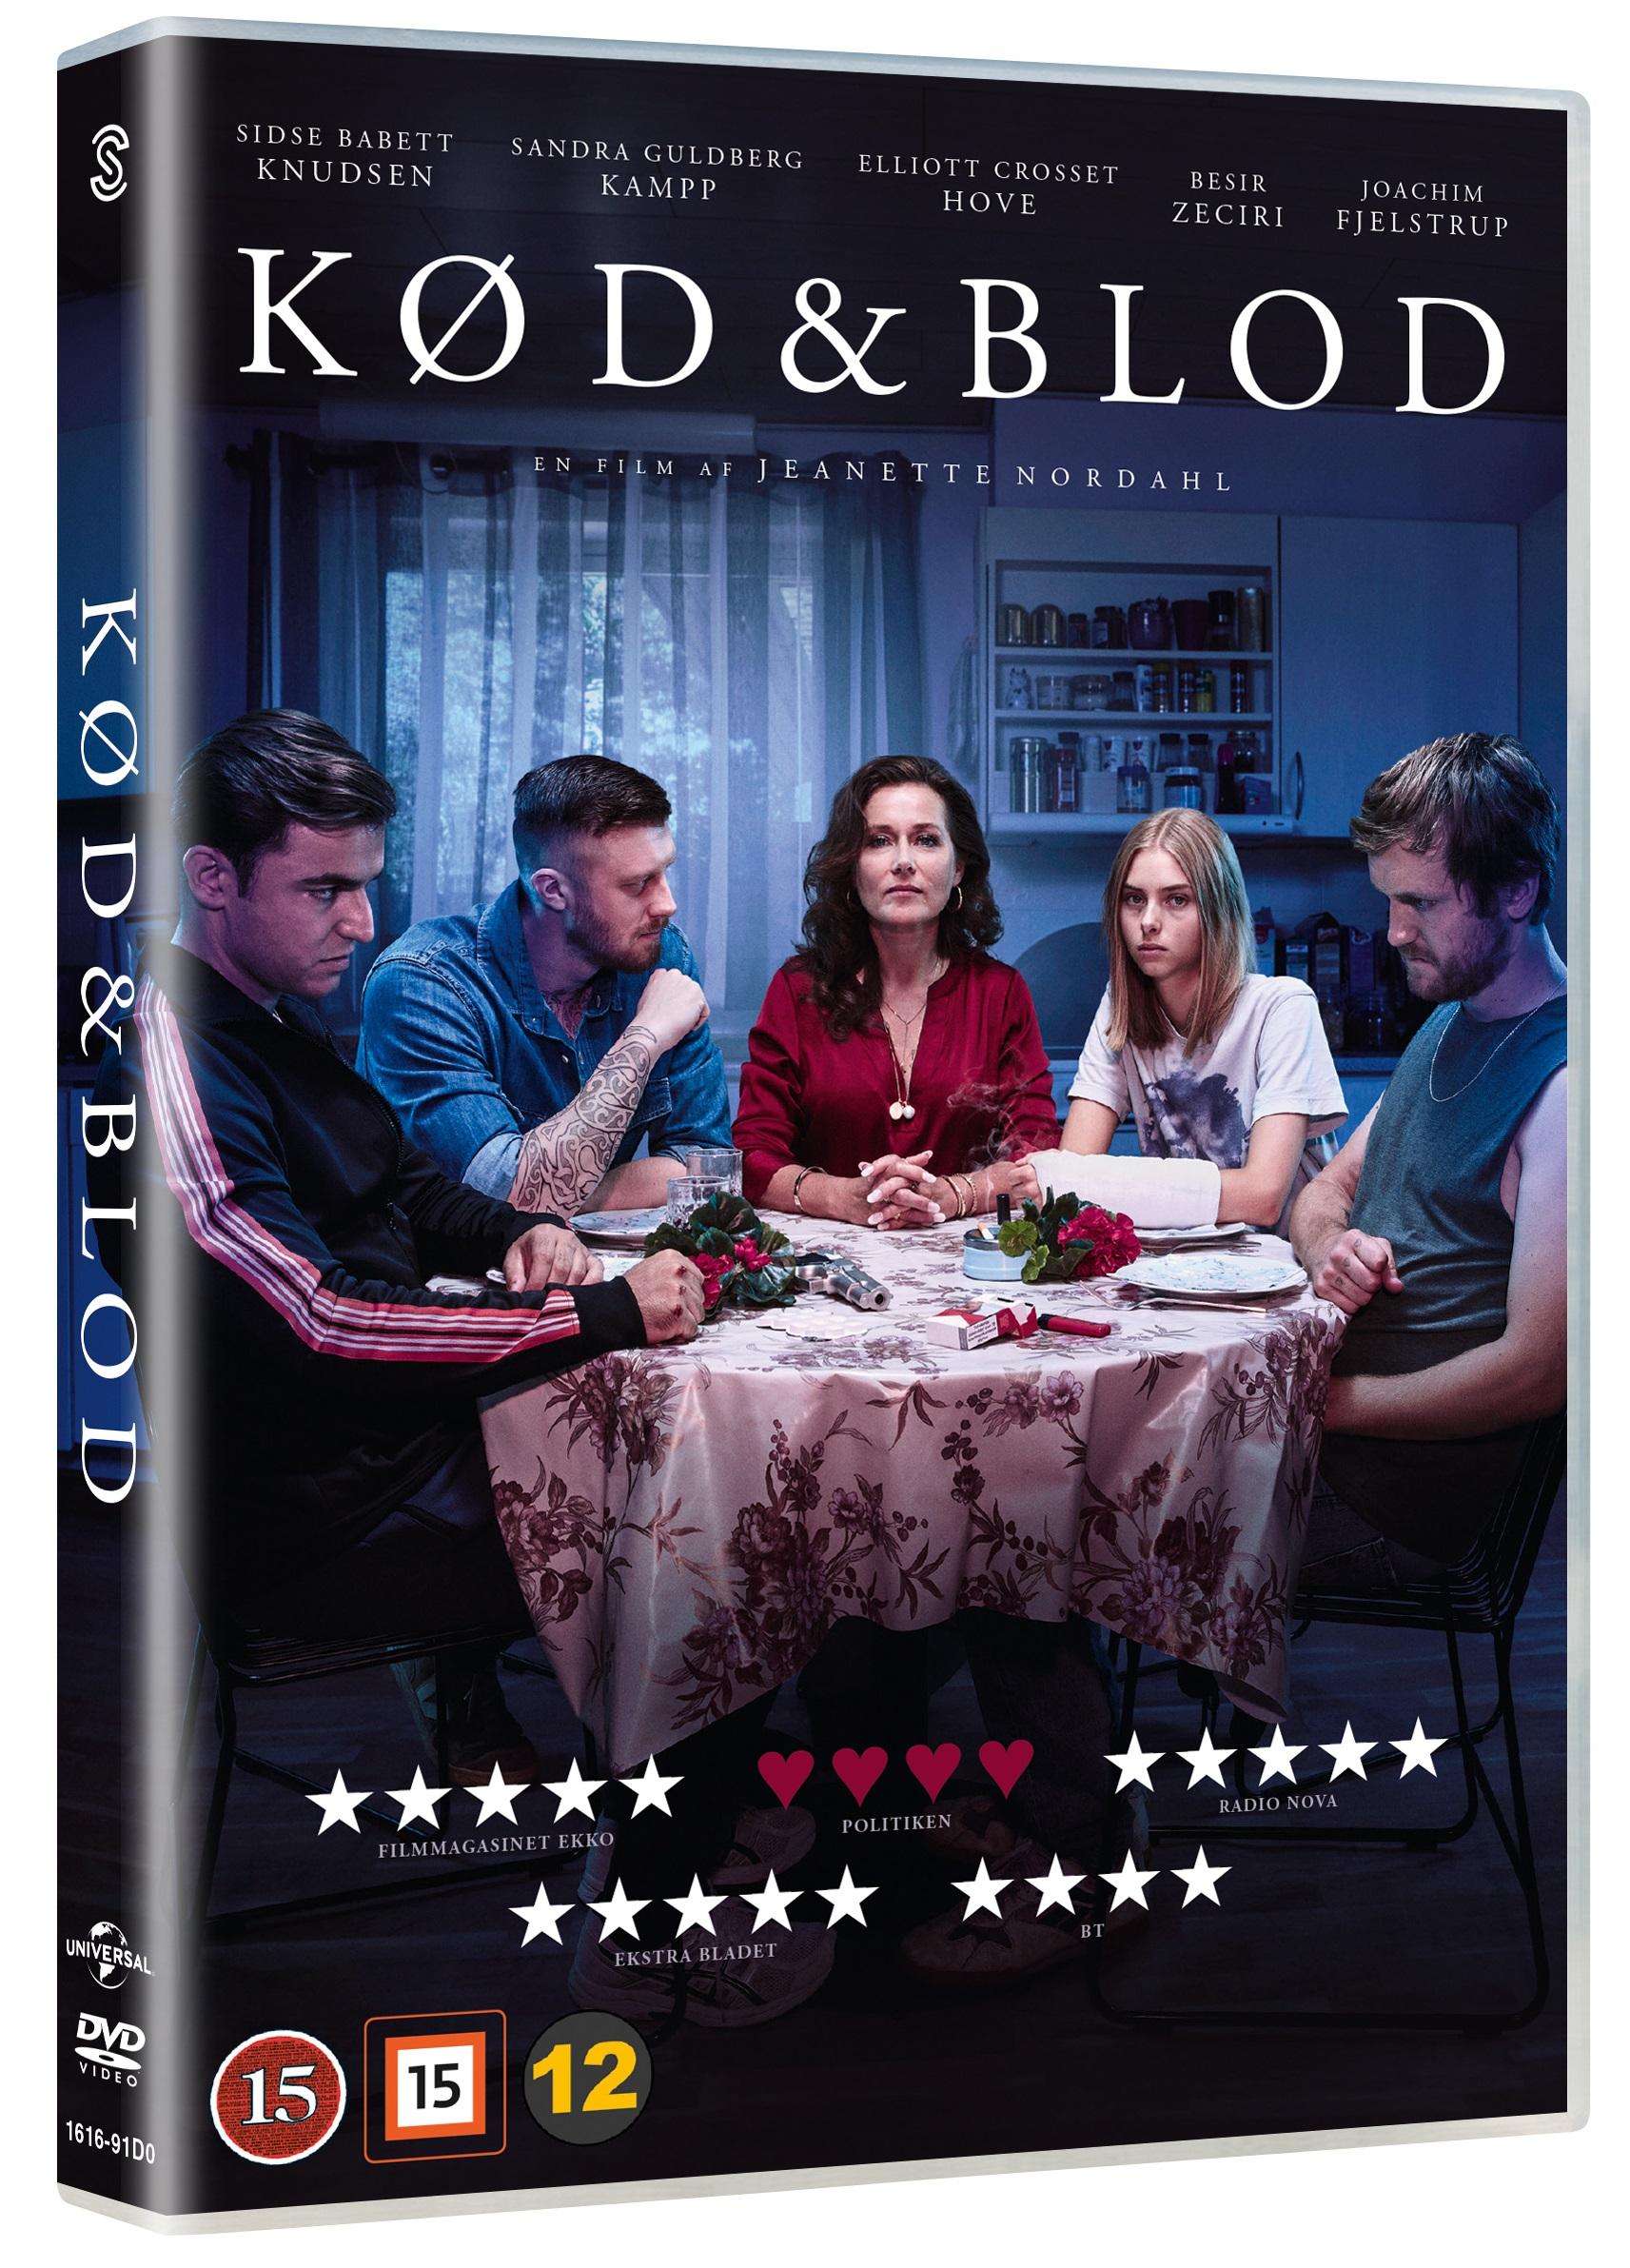 Kød & Blod -  - Film -  - 5706169003573 - 12/10-2020